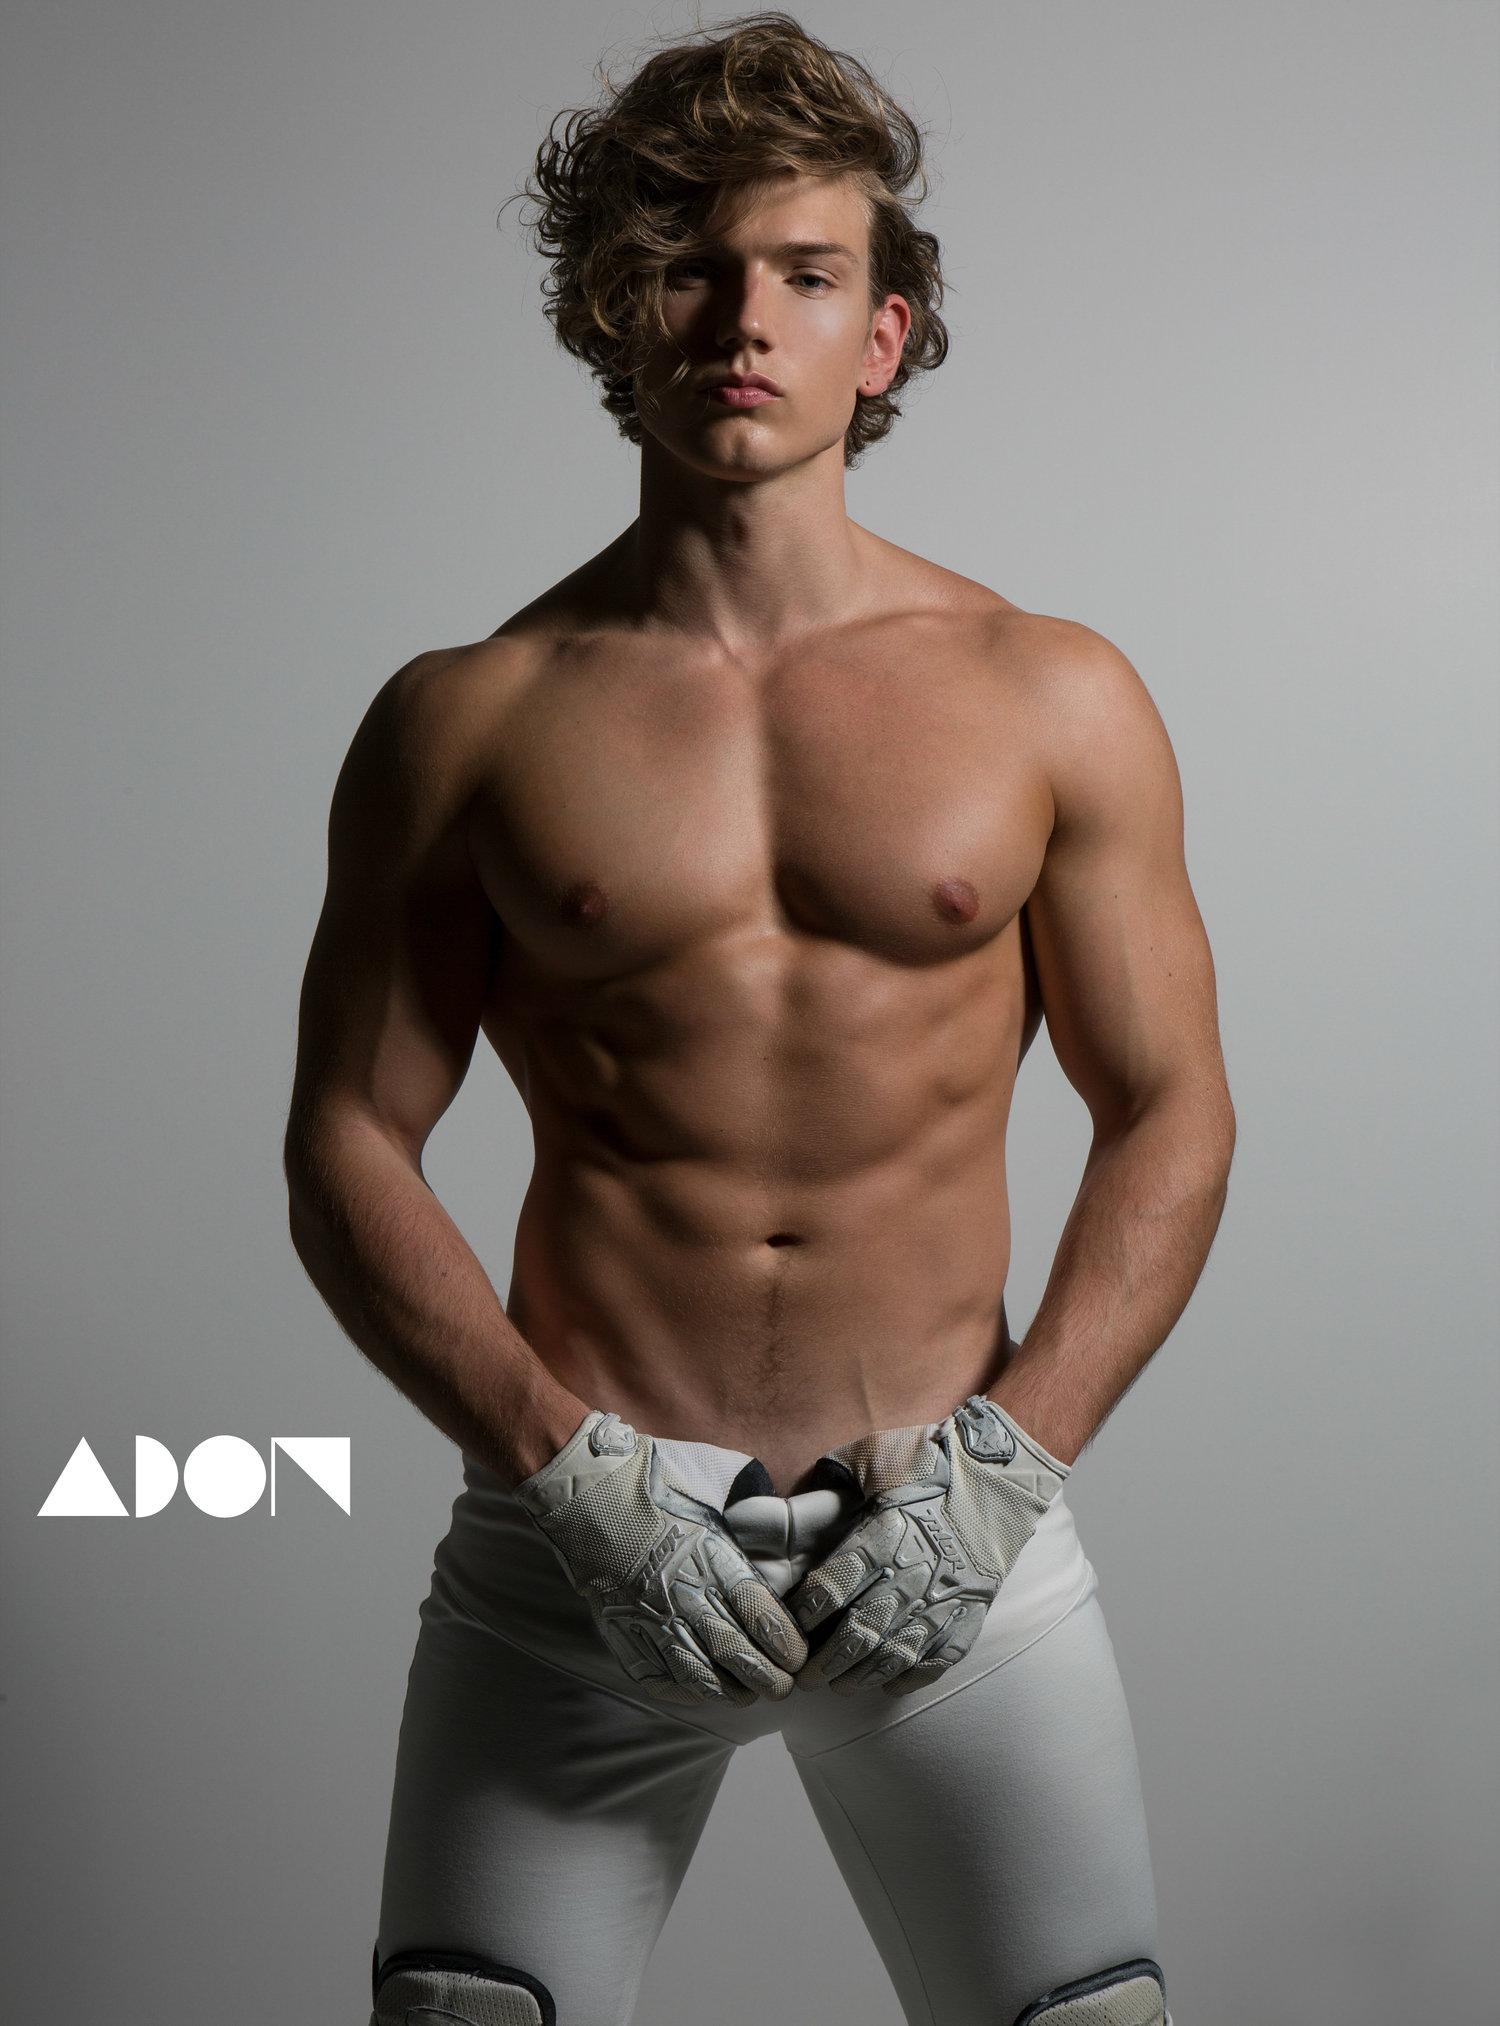 Adon Exclusive: Model Benjamin Ahlblad By Esa Kapila